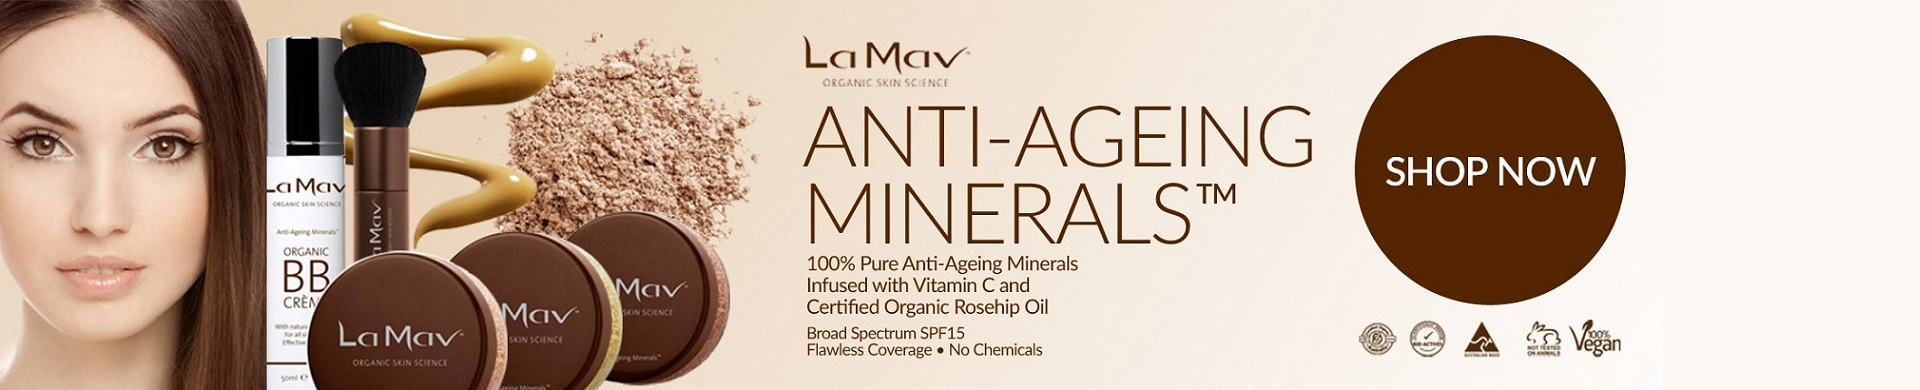 La Mav Anti-Ageing Minerals